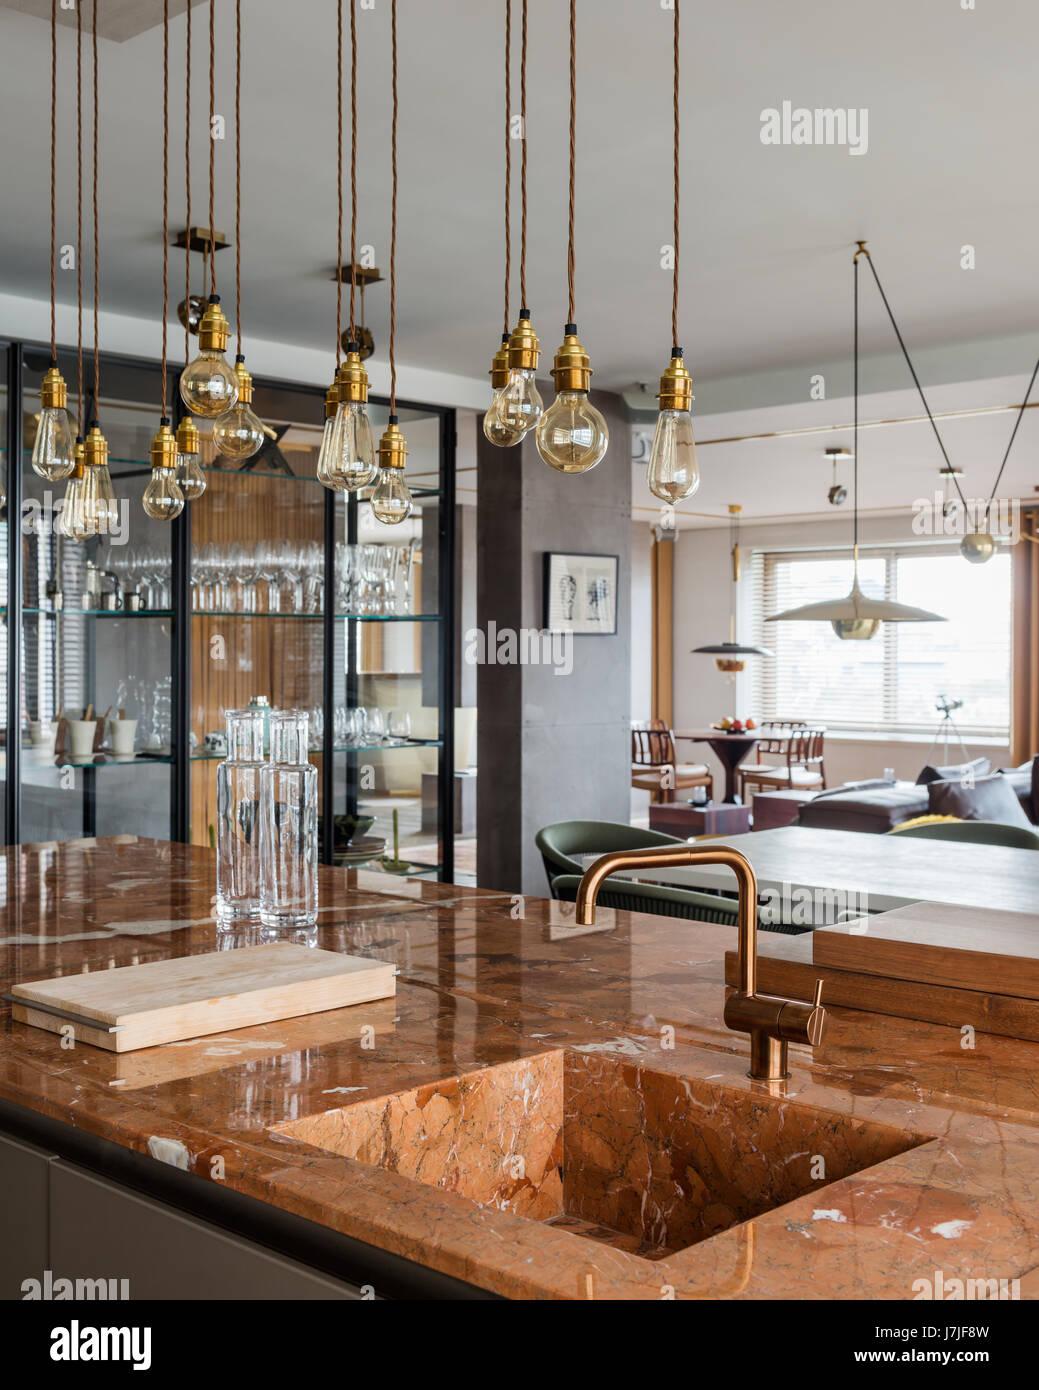 Marmor-Arbeitsplatte Kücheninsel mit Bulthaup Einheiten und Messing ...